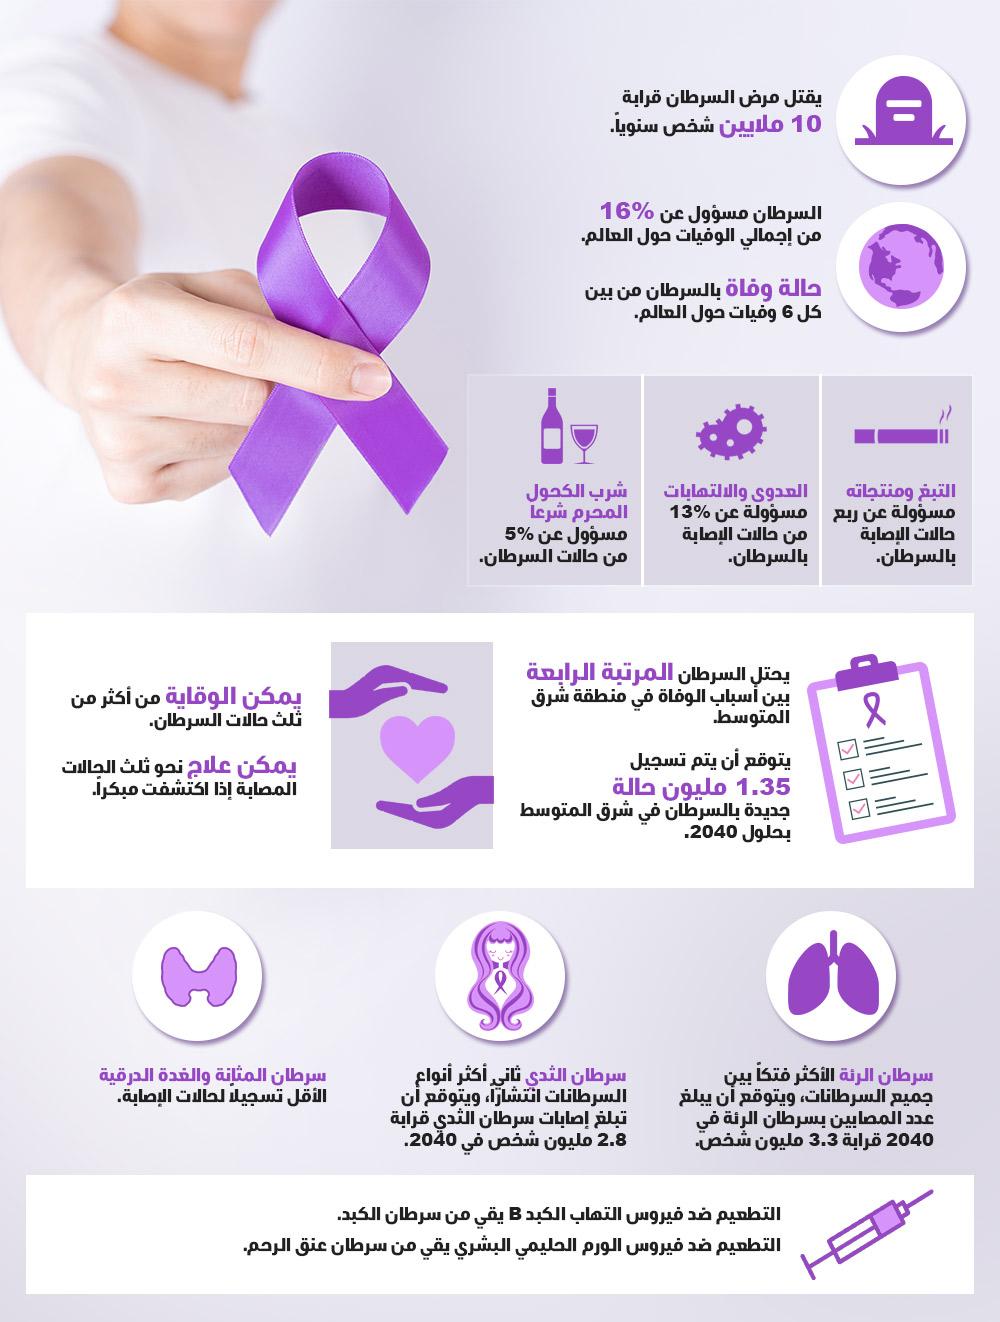 لعالم يتحد ضد مرض السرطان